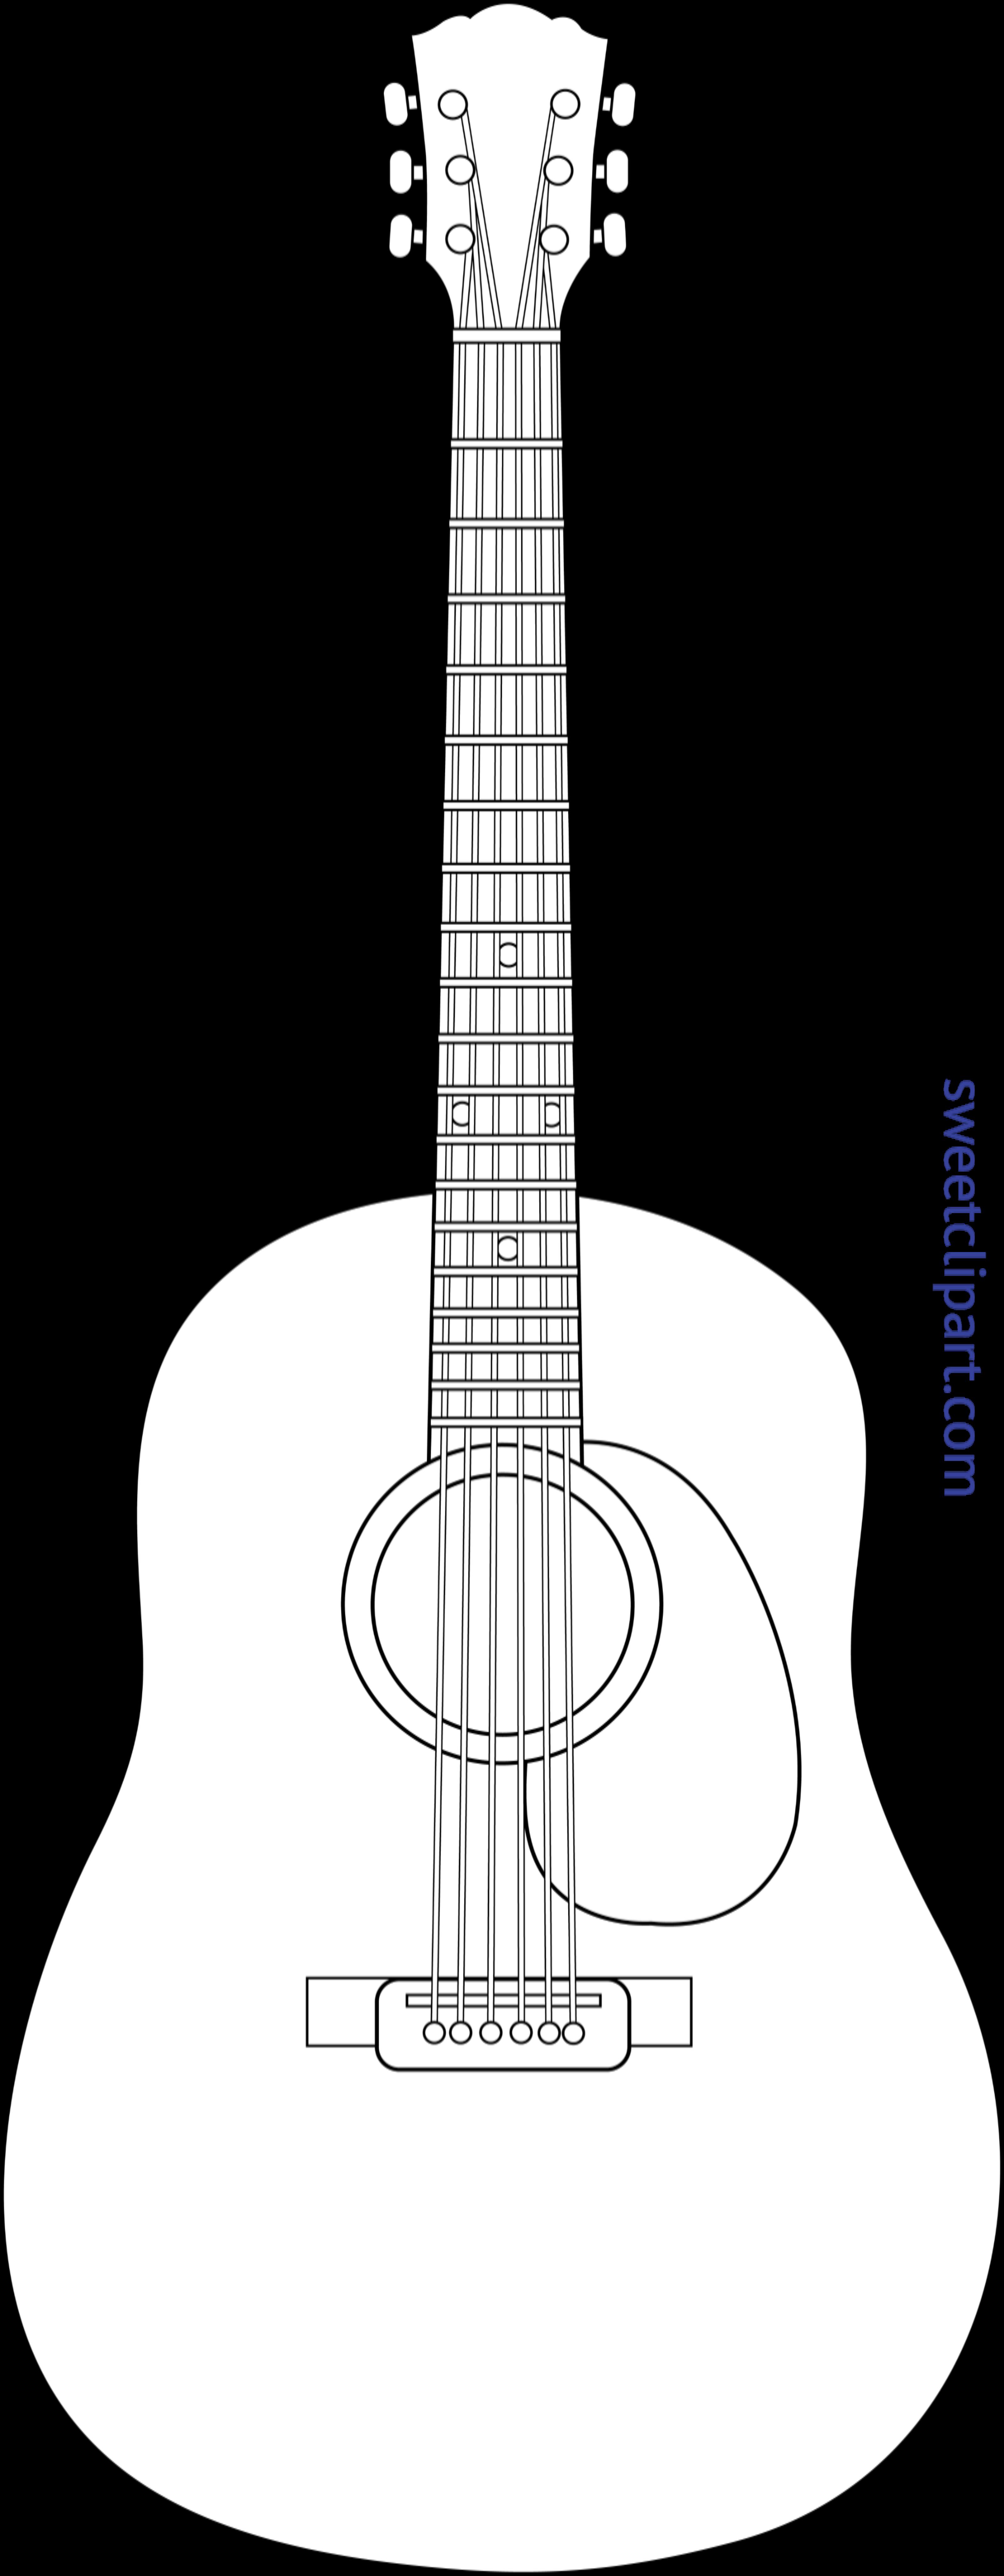 Clipart guitar accoustic guitar. Acoustic lineart clip art